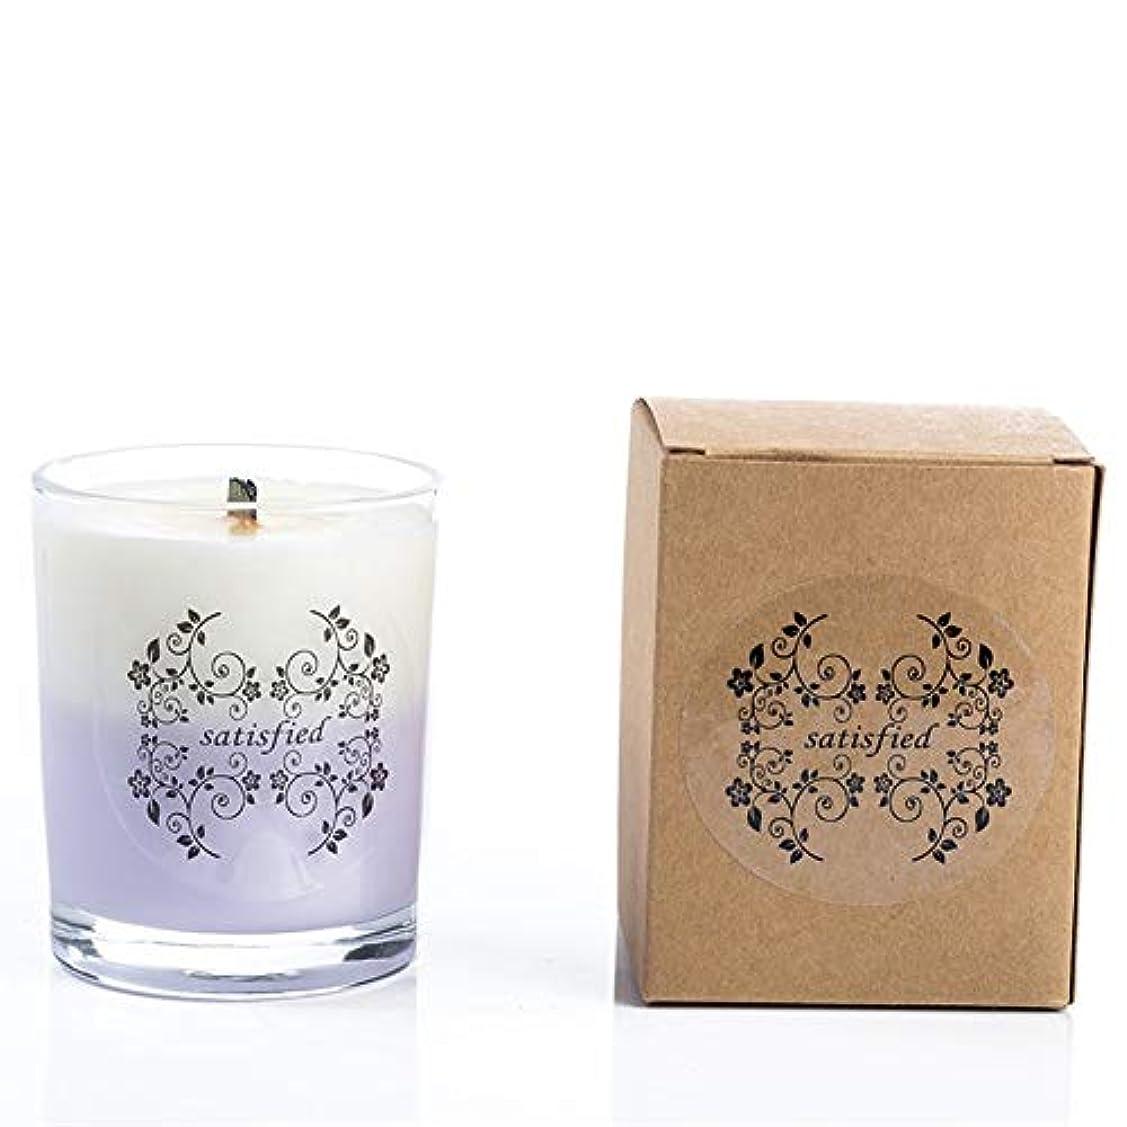 先のことを考えるくま取り出すZtian ガラスのツートンの香料入りの蝋燭のハンドメイドの無煙の香りの家の香料入りの蝋燭 (色 : Grapefruit)